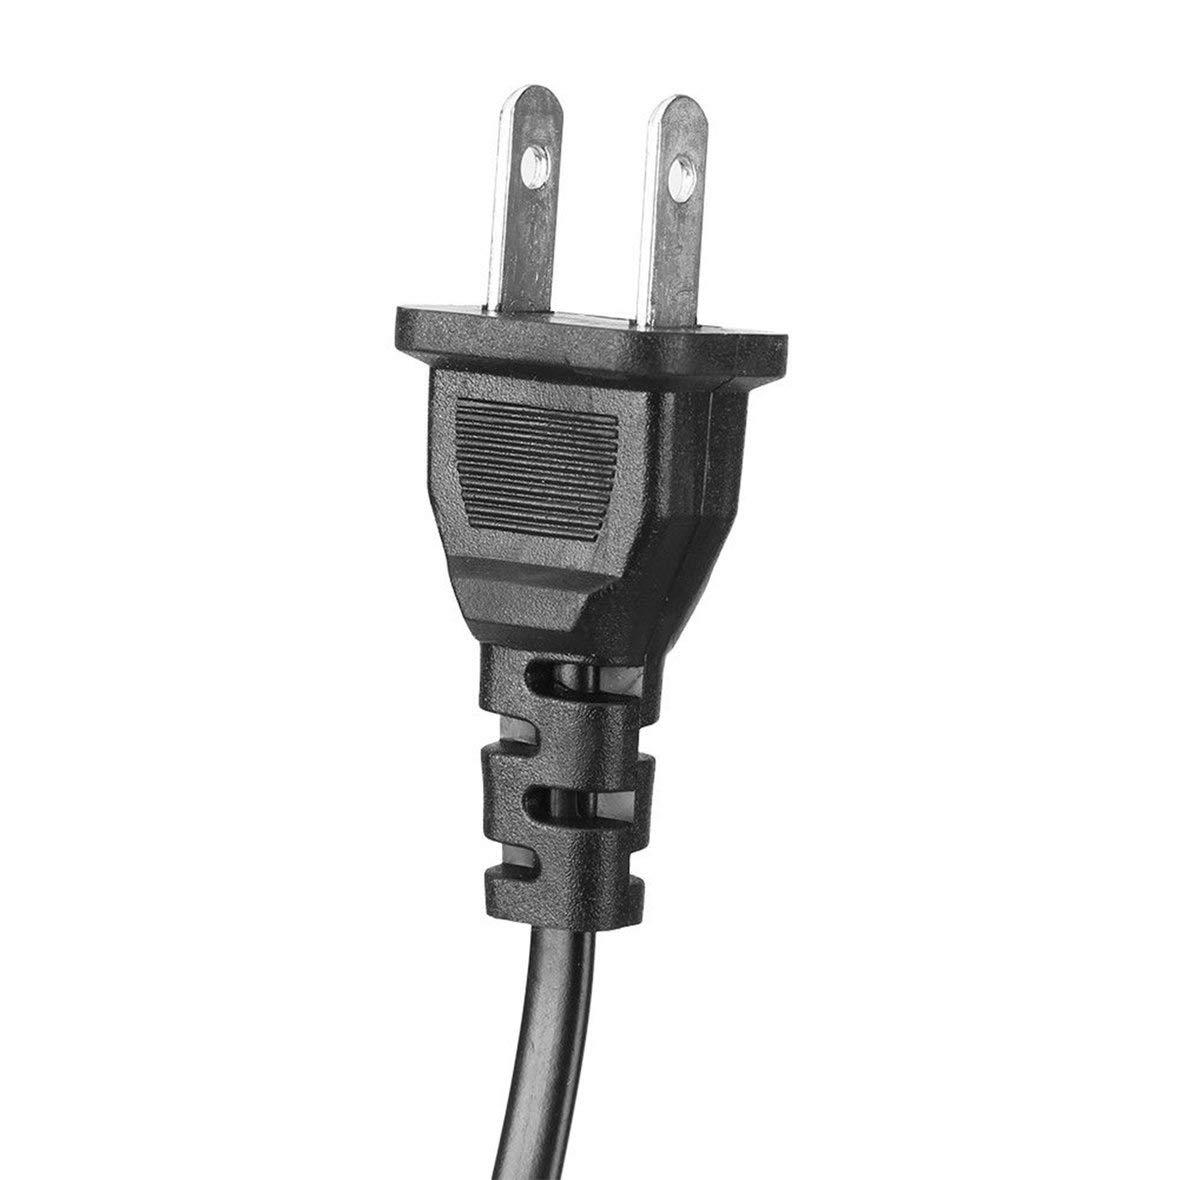 Heaviesk 48W 2A 1-24V Regolabile Adattatore di Potenza del Motore di Controllo della velocit/à Parti Spina Multifunzione Spina AC//DC Adattatore per apparecchiature elettriche